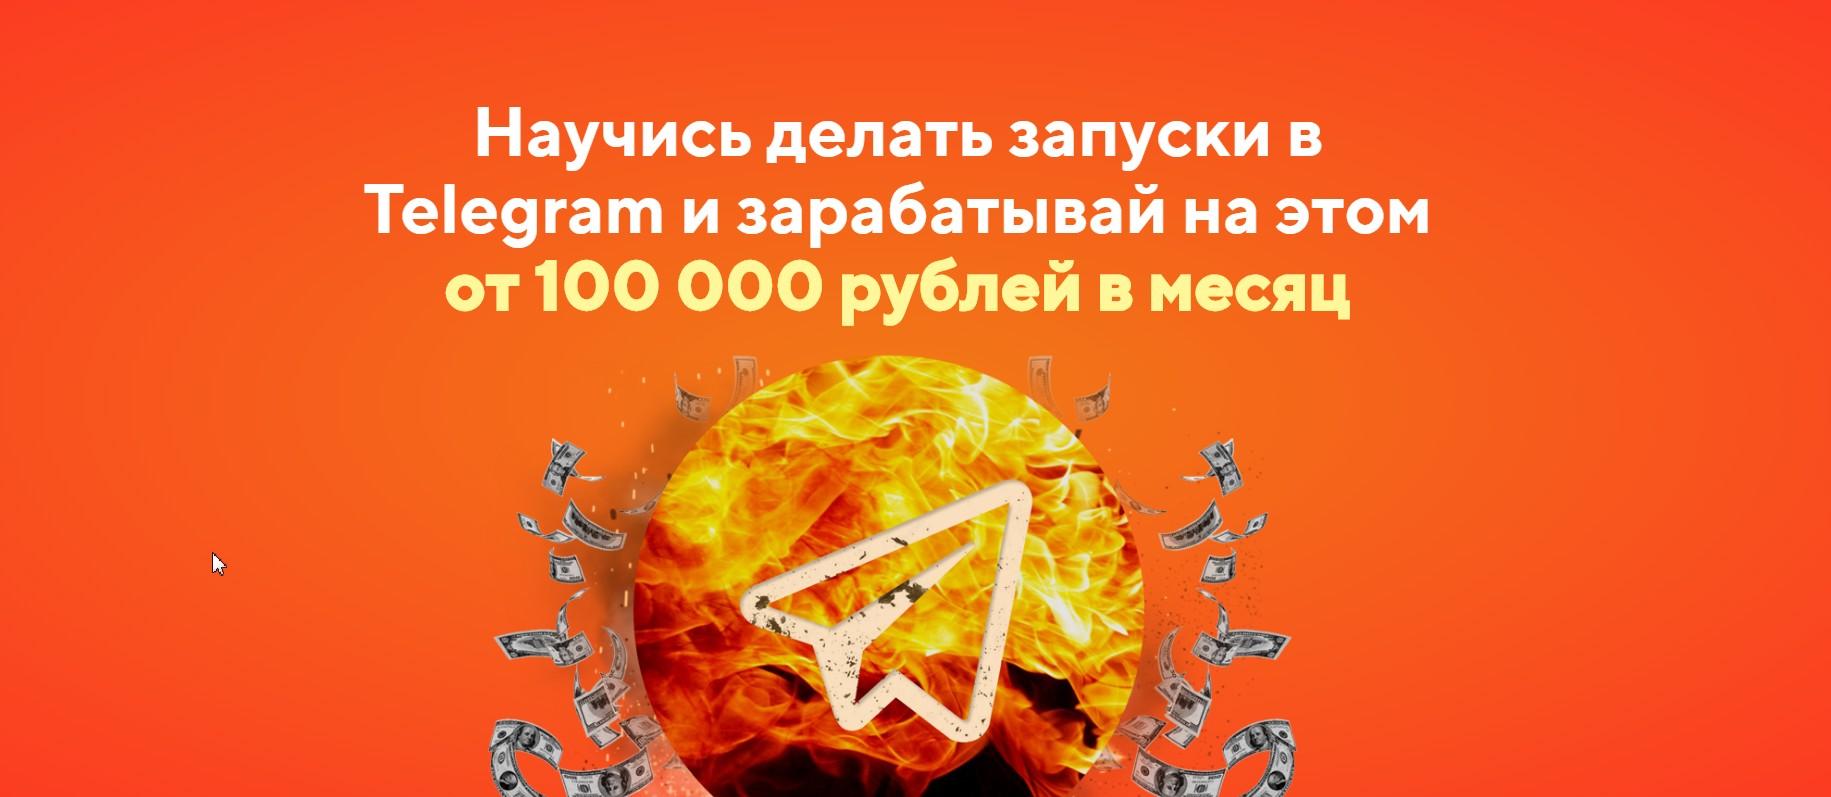 Миллион из пепла. 100 000 рублей в месяц на запусках в телеграм.jpg